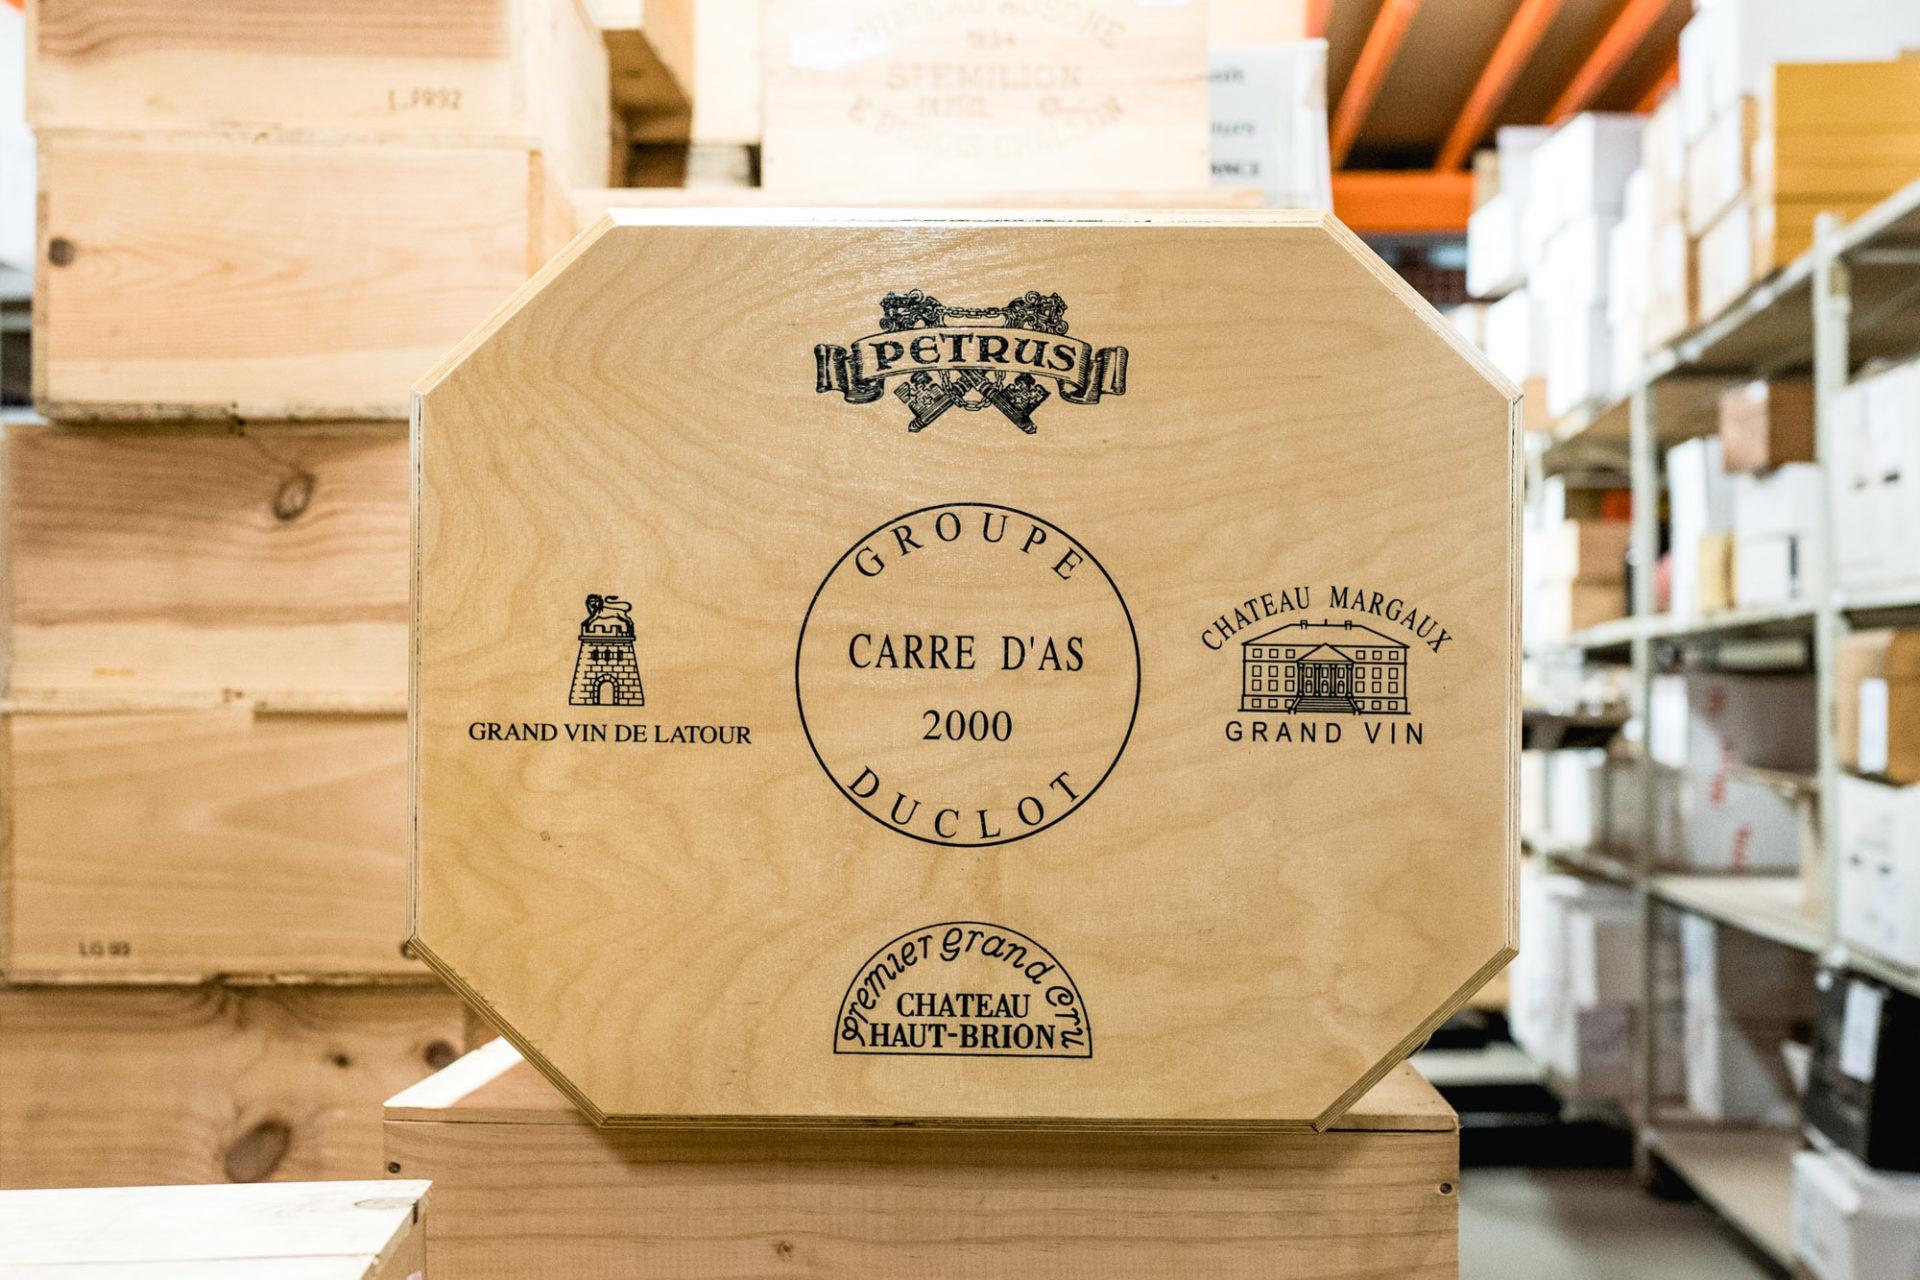 Tajan - Vente de vins et spiritueux du jeudi 25 avril 2019 - Caisse Carré d'As 2000